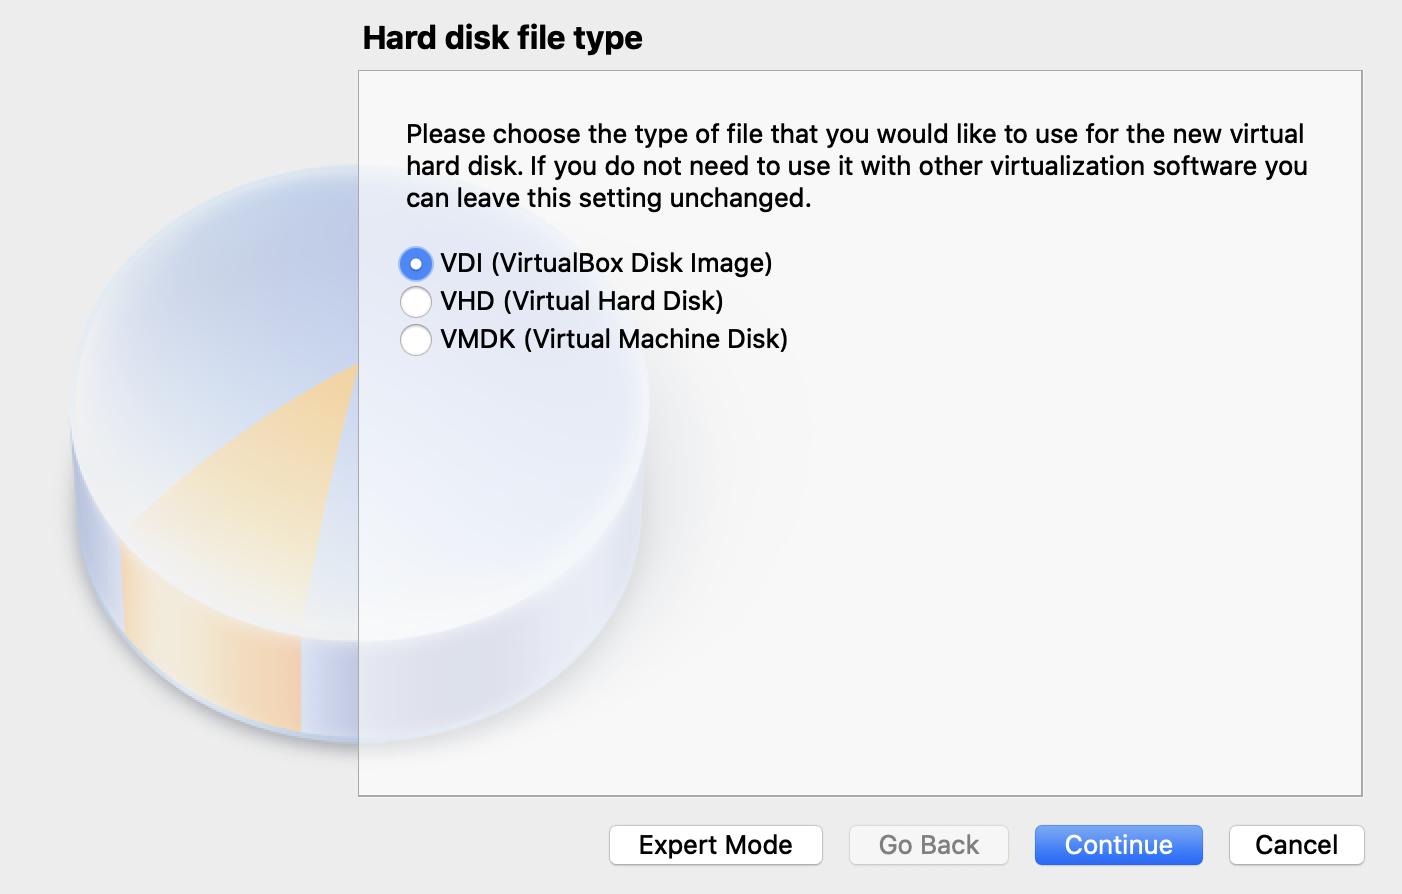 Hard-disk-file-type